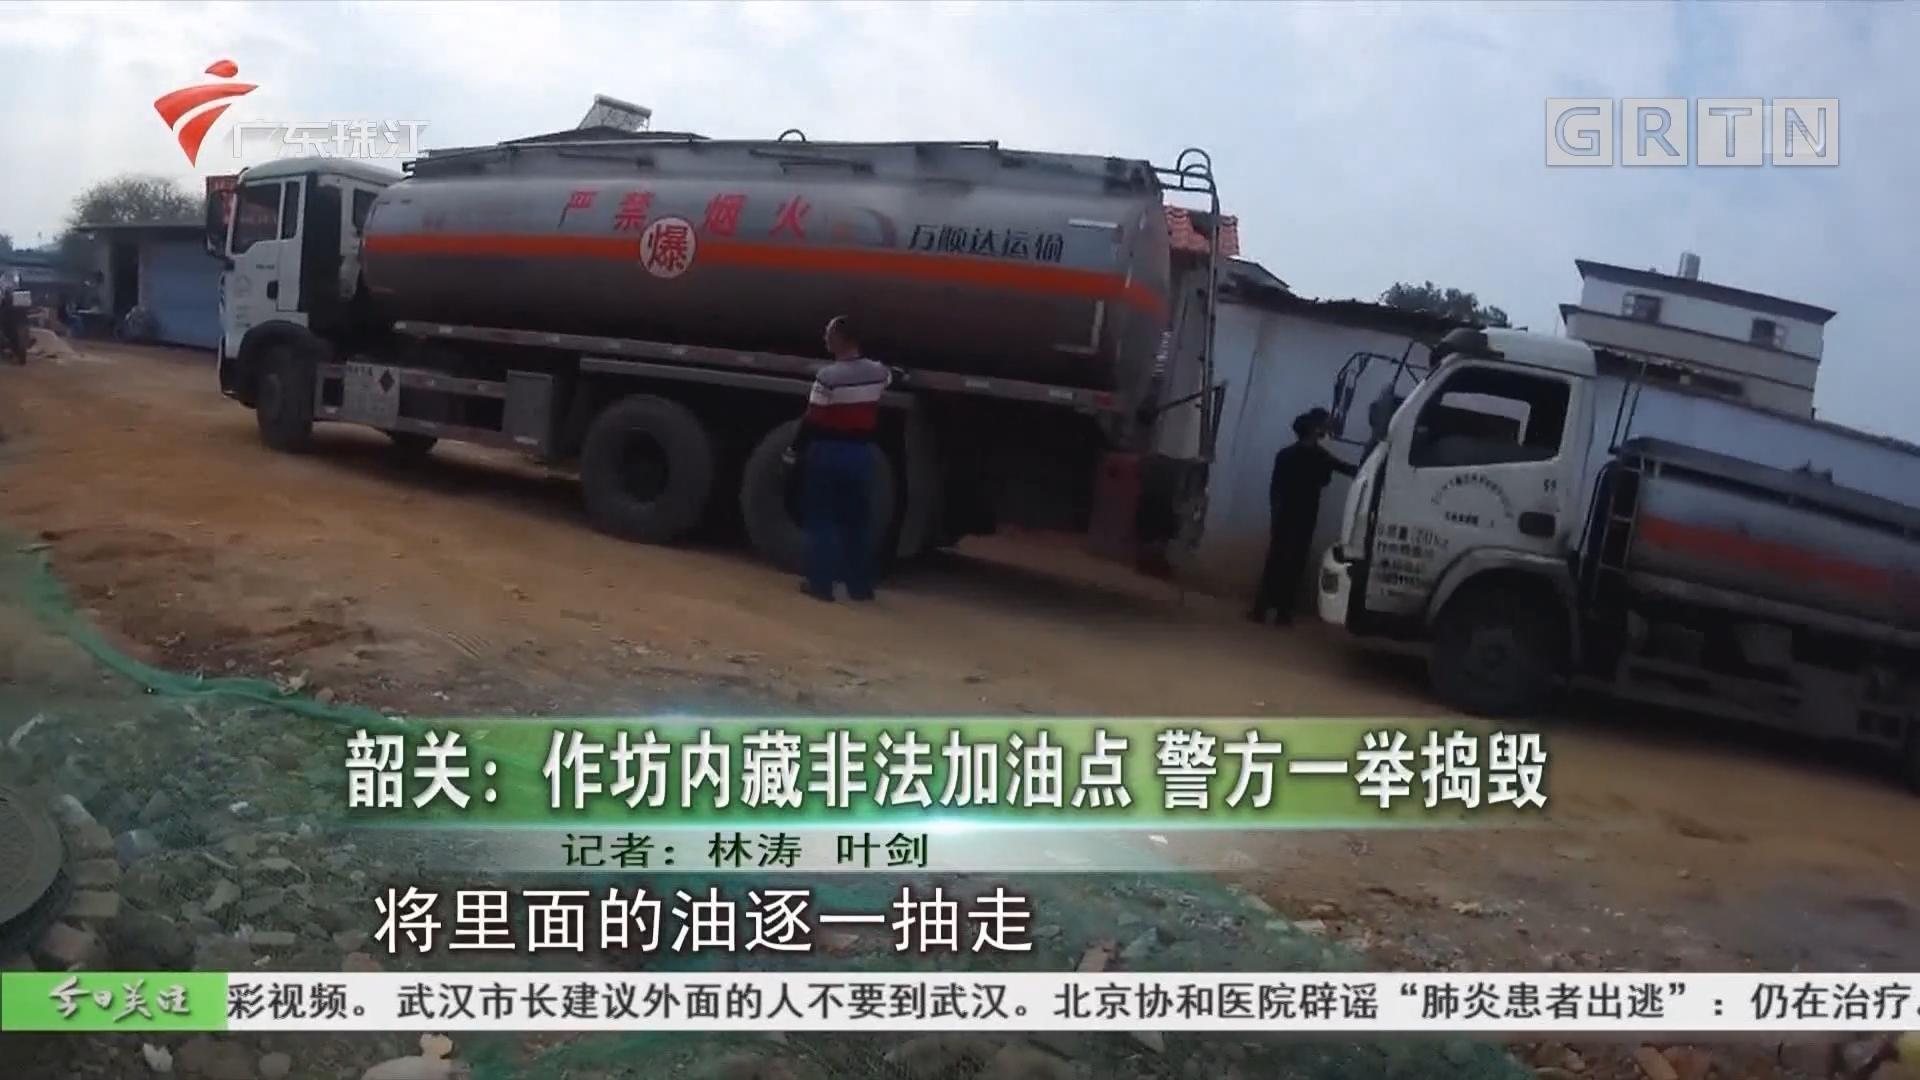 韶关:作坊内藏非法加油点 警方一举捣毁